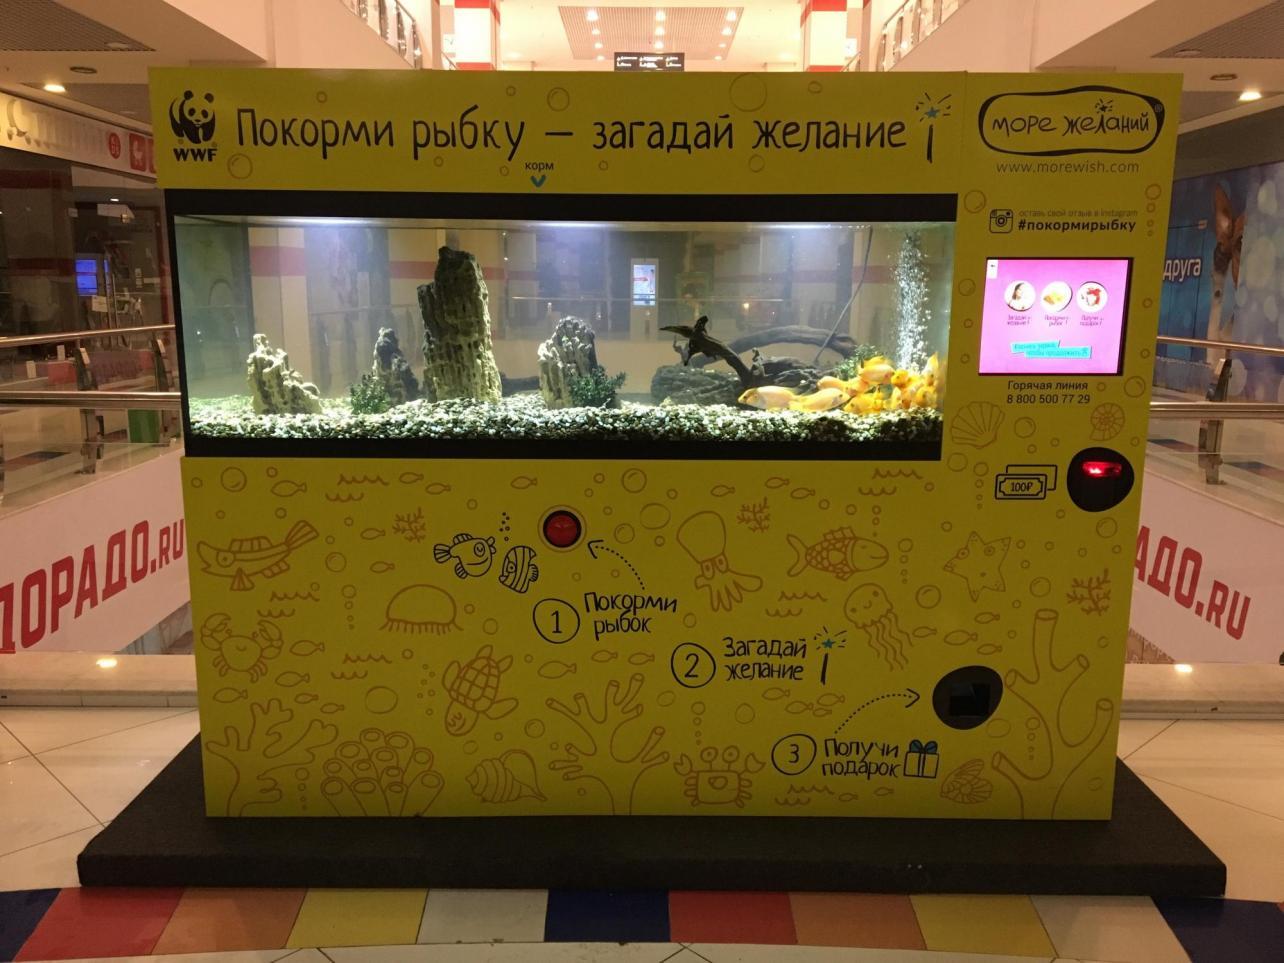 Сеть развлекательных аквариумов-автоматов